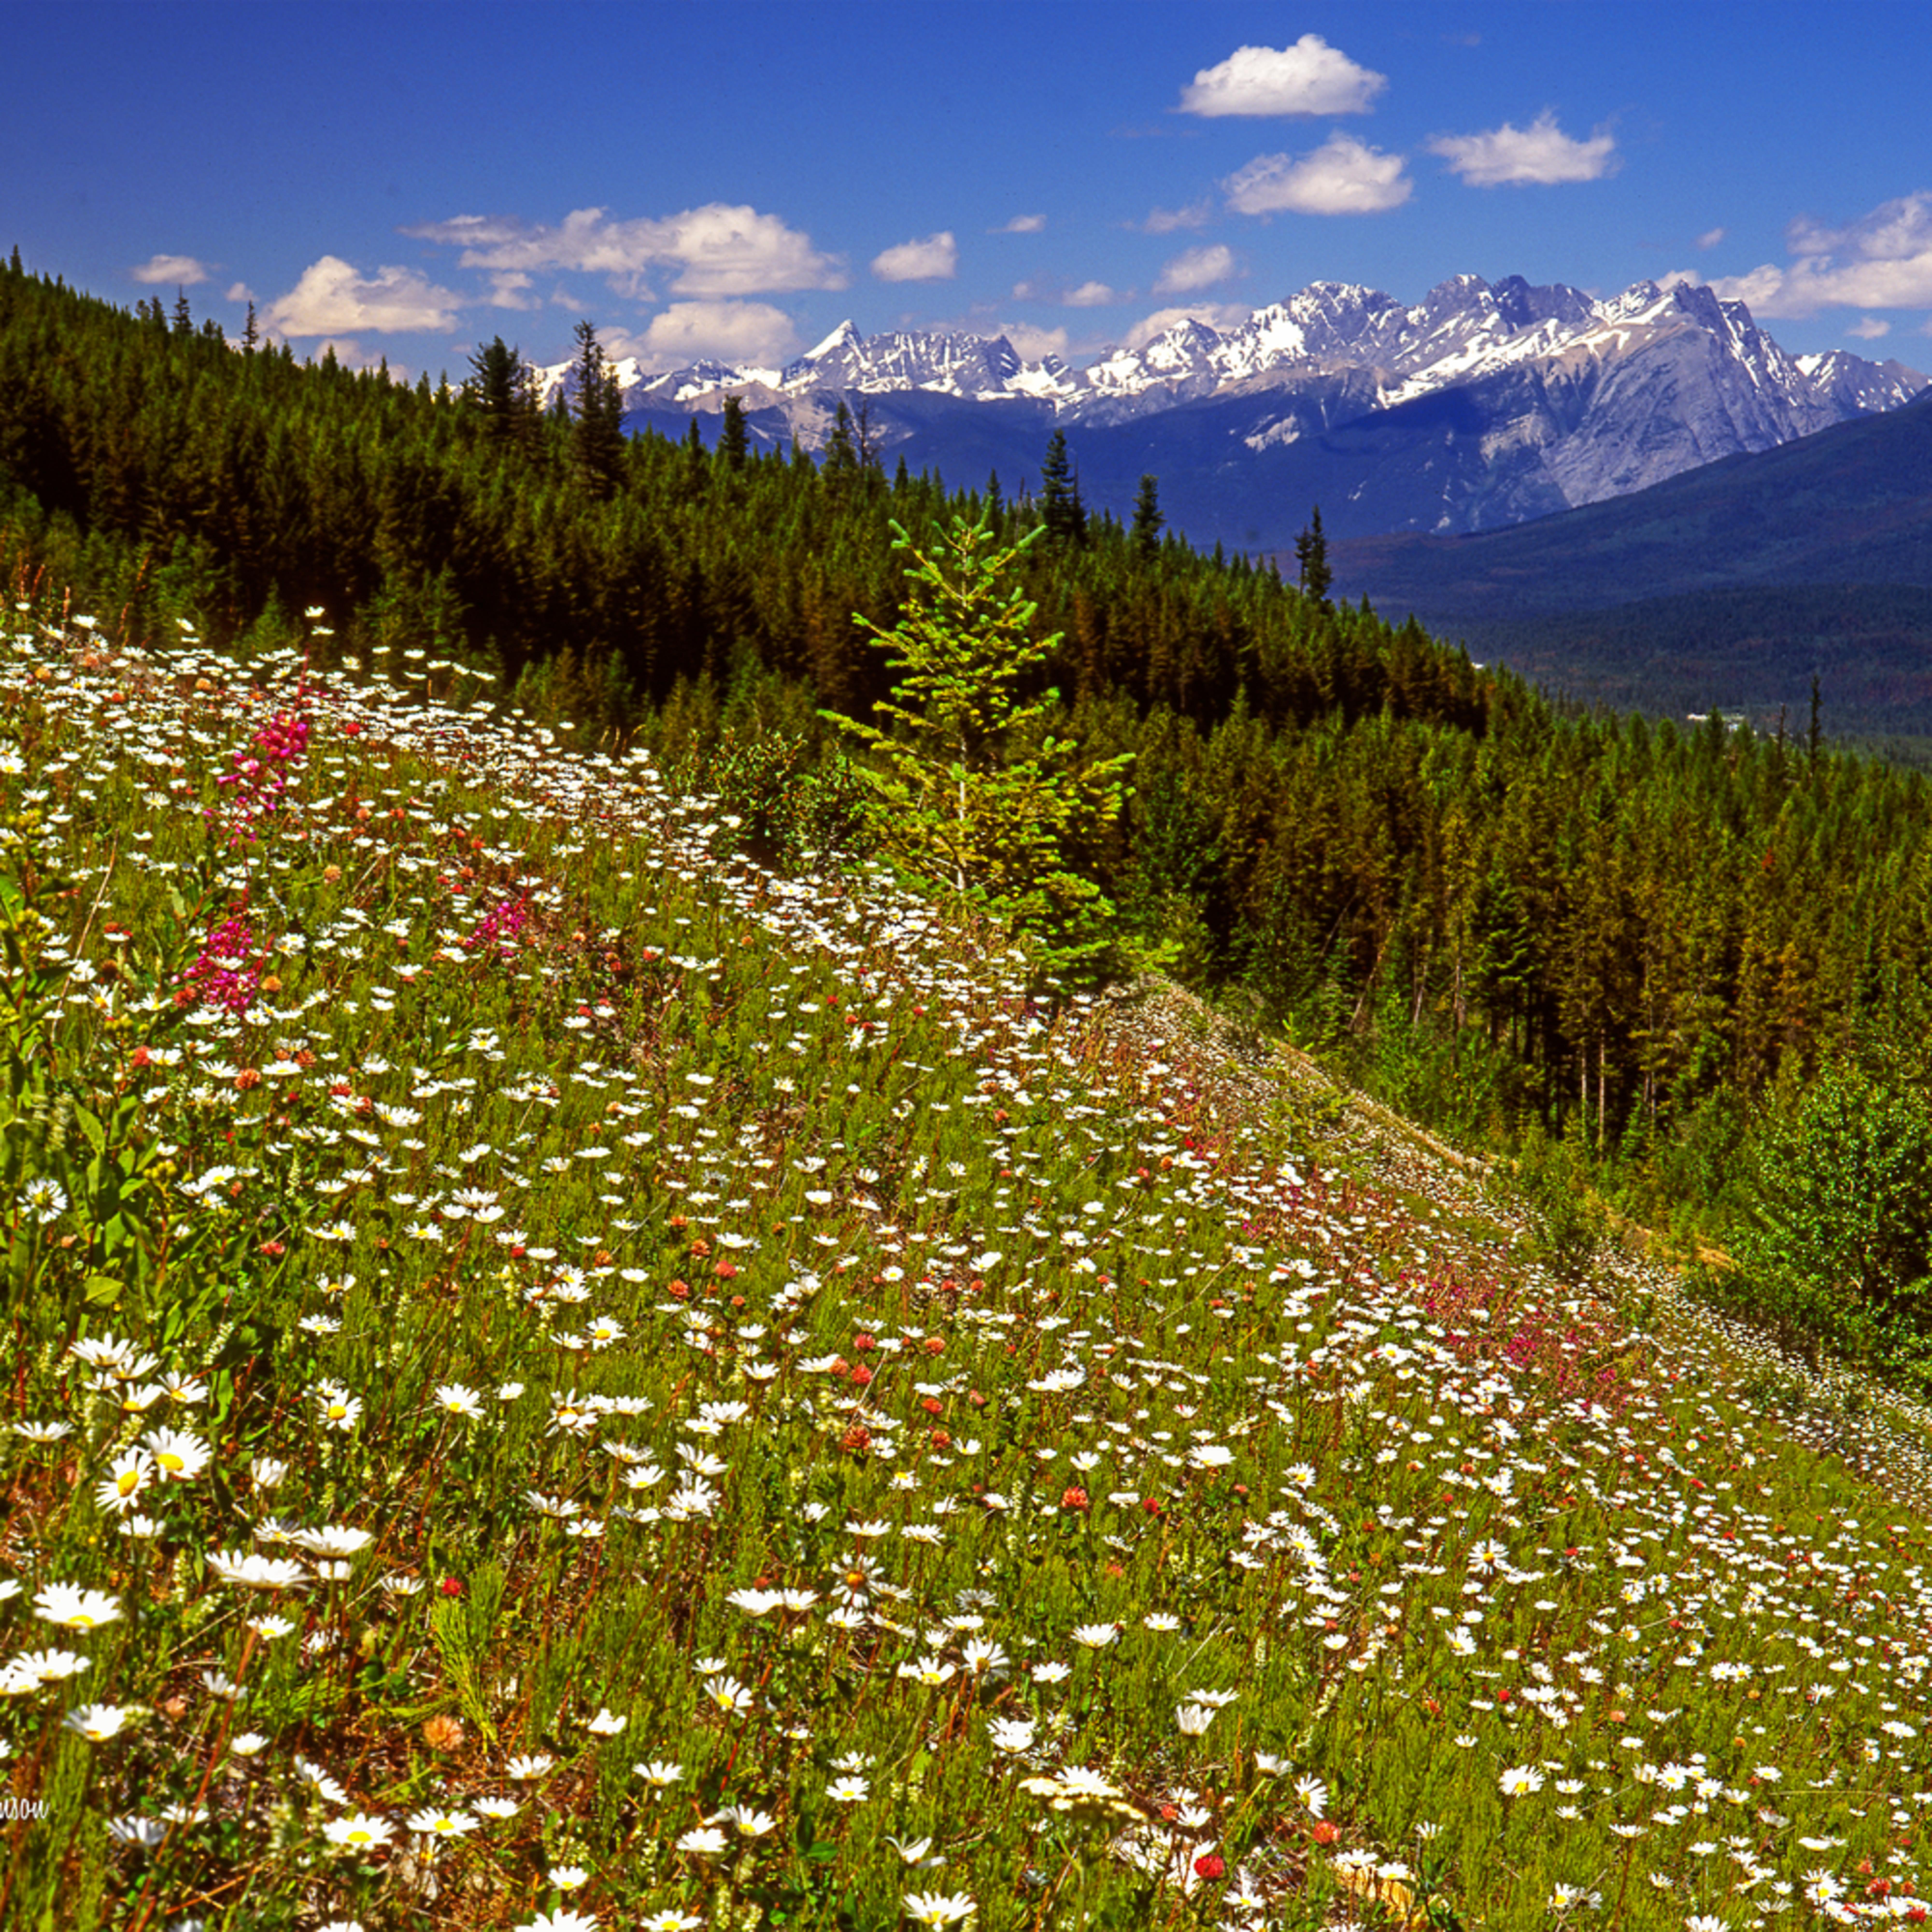 Kootenay wildflowers c5l3ah